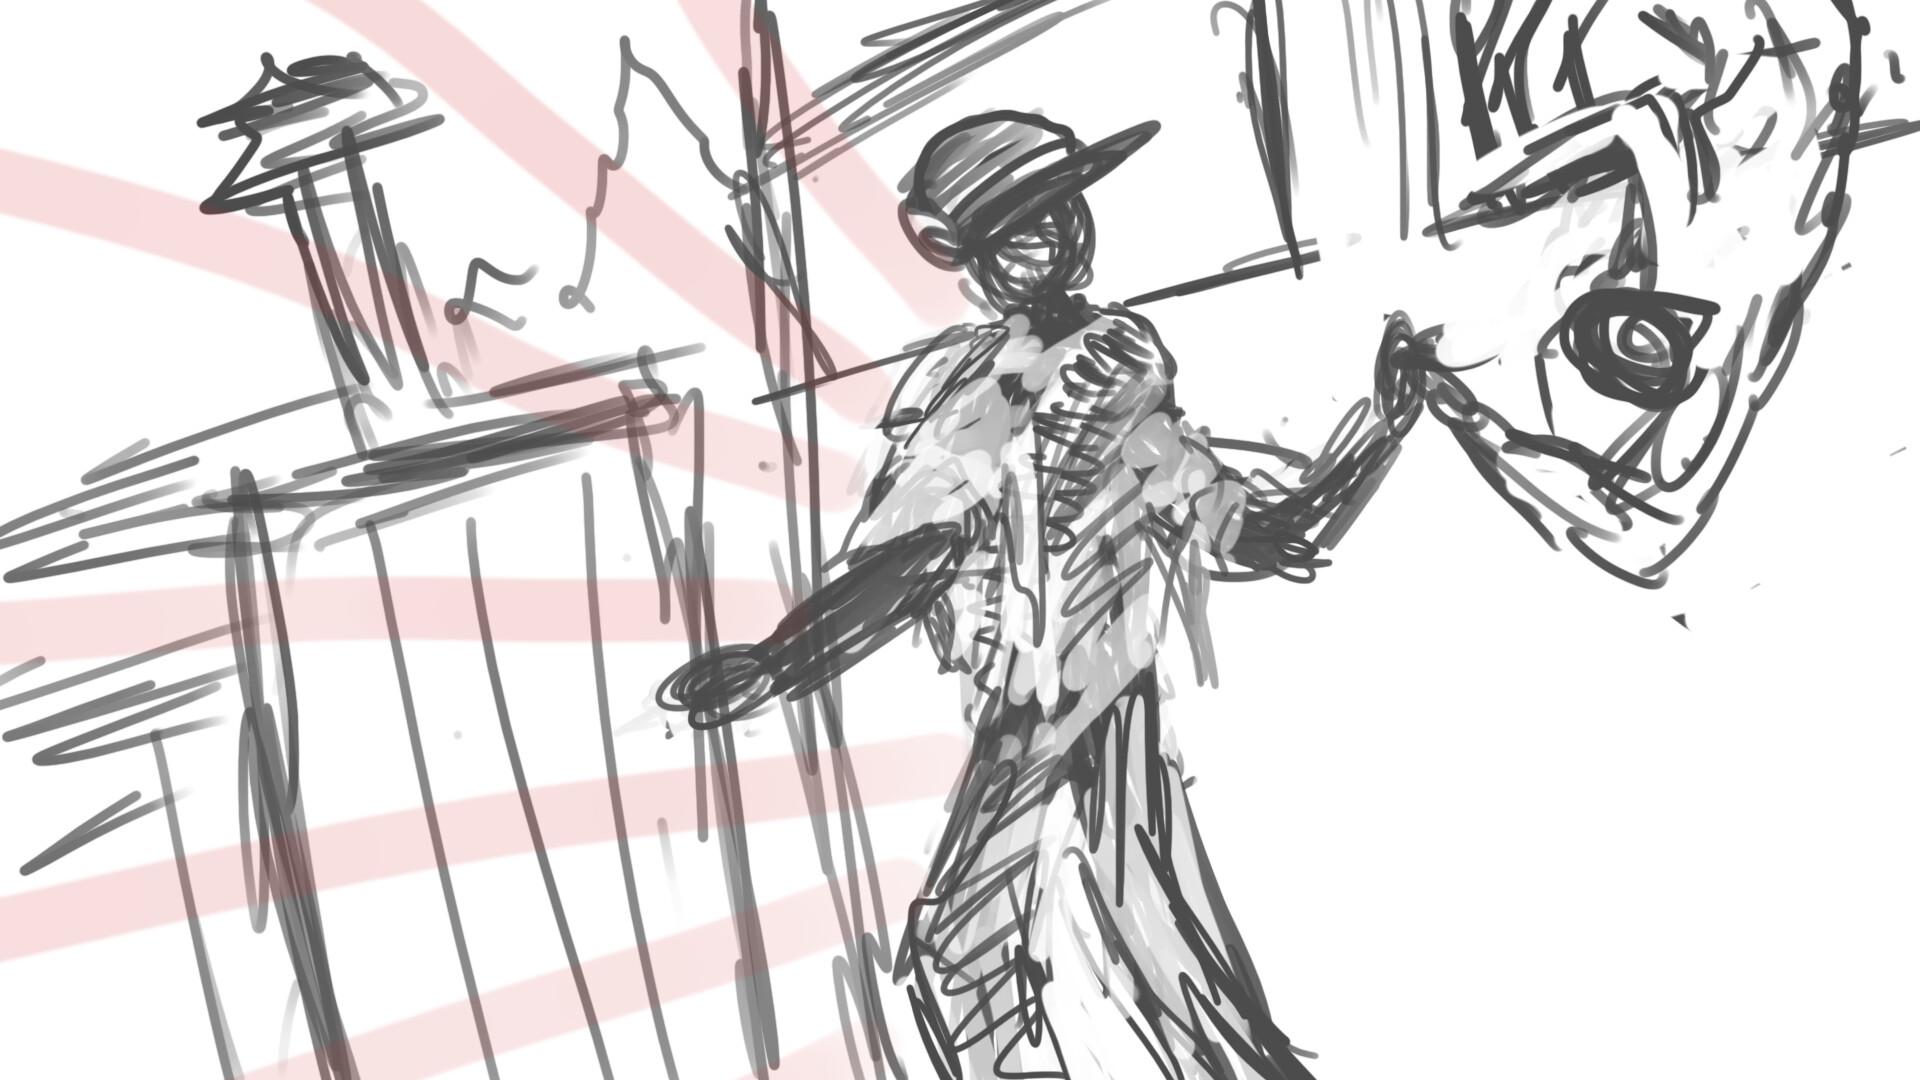 Alexander laheij drawing11 13